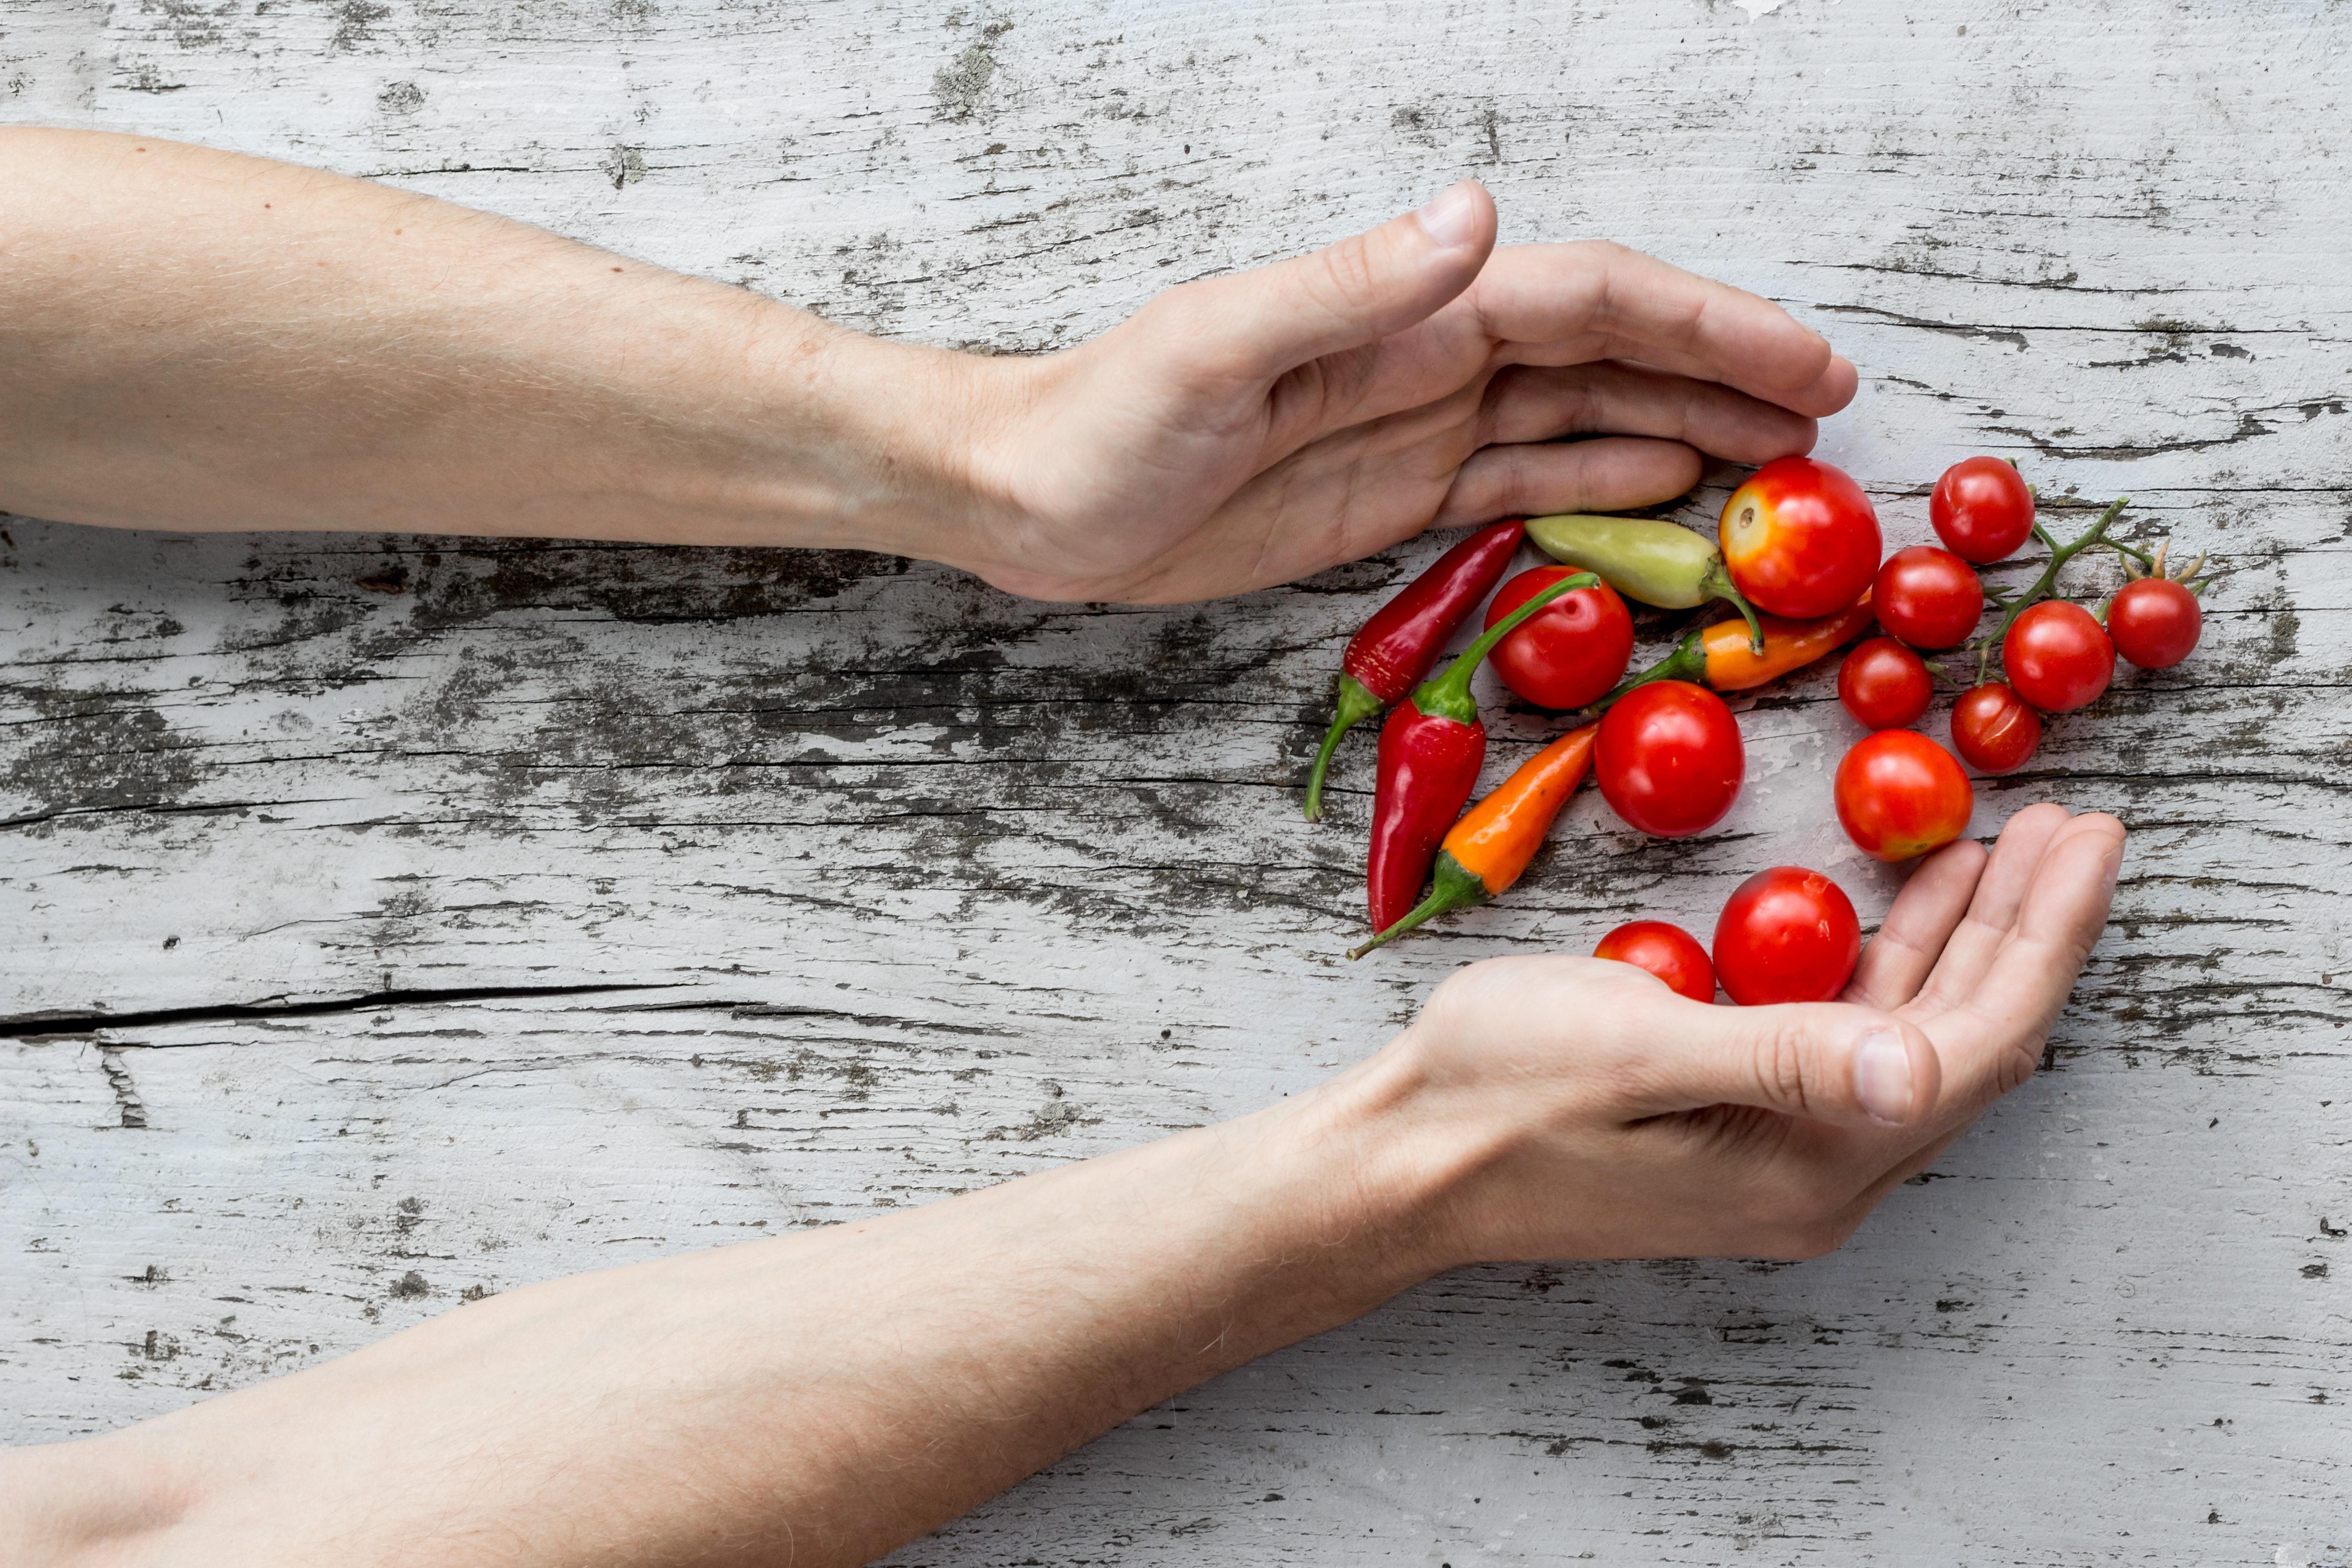 Nachtschattengewächse wie Tomaten oder Chilis sind lektinhaltige Lebensmittel